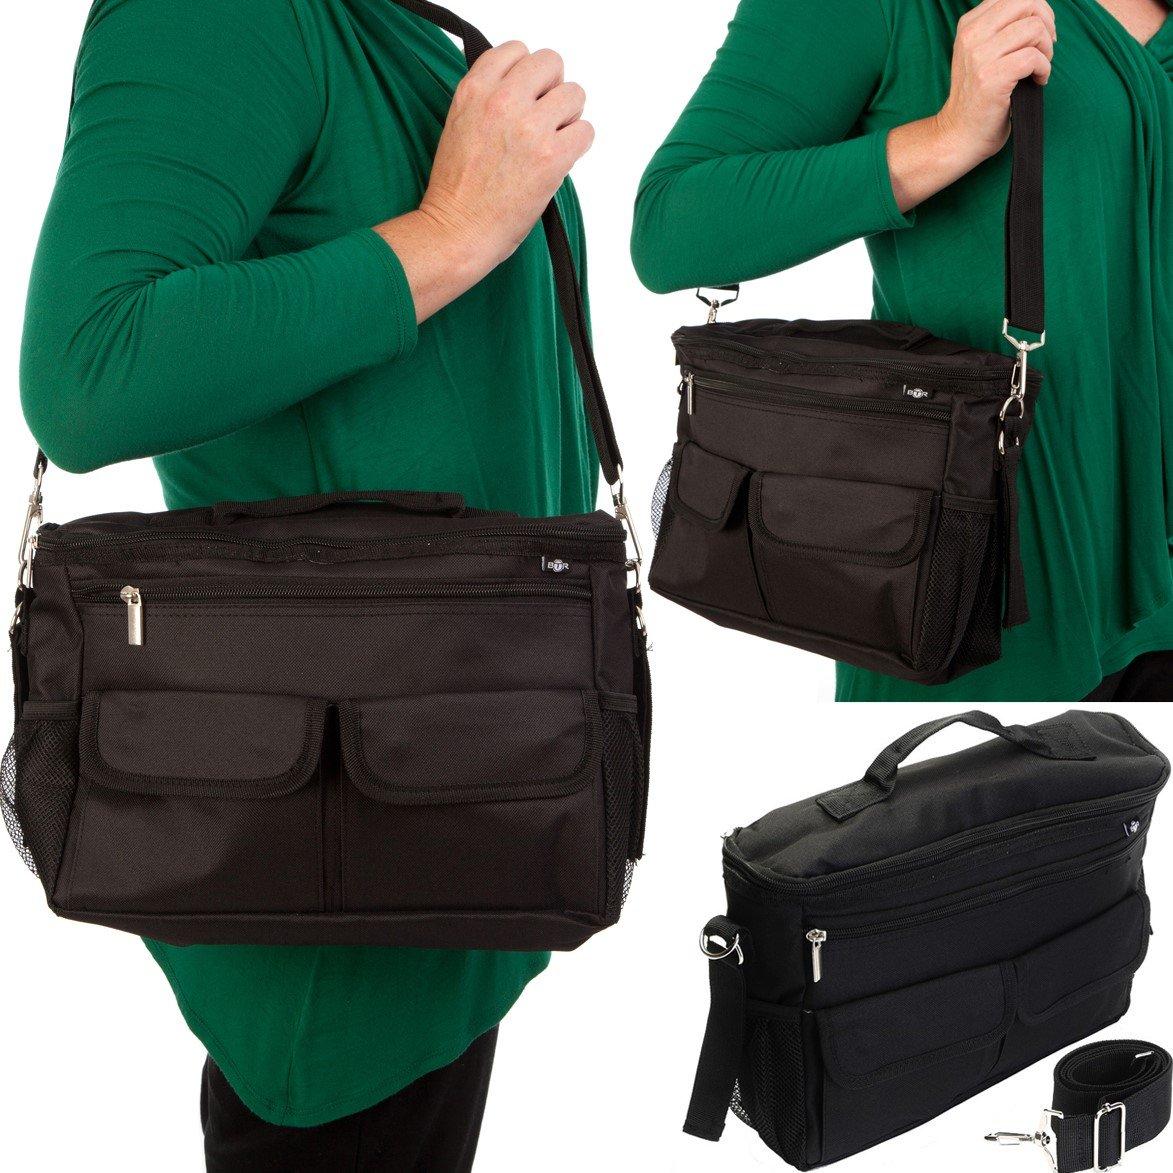 BTR Buggy Organiser Pram Bag /& Stroller Organiser Plus 2 x Pram Hooks//Clips Black